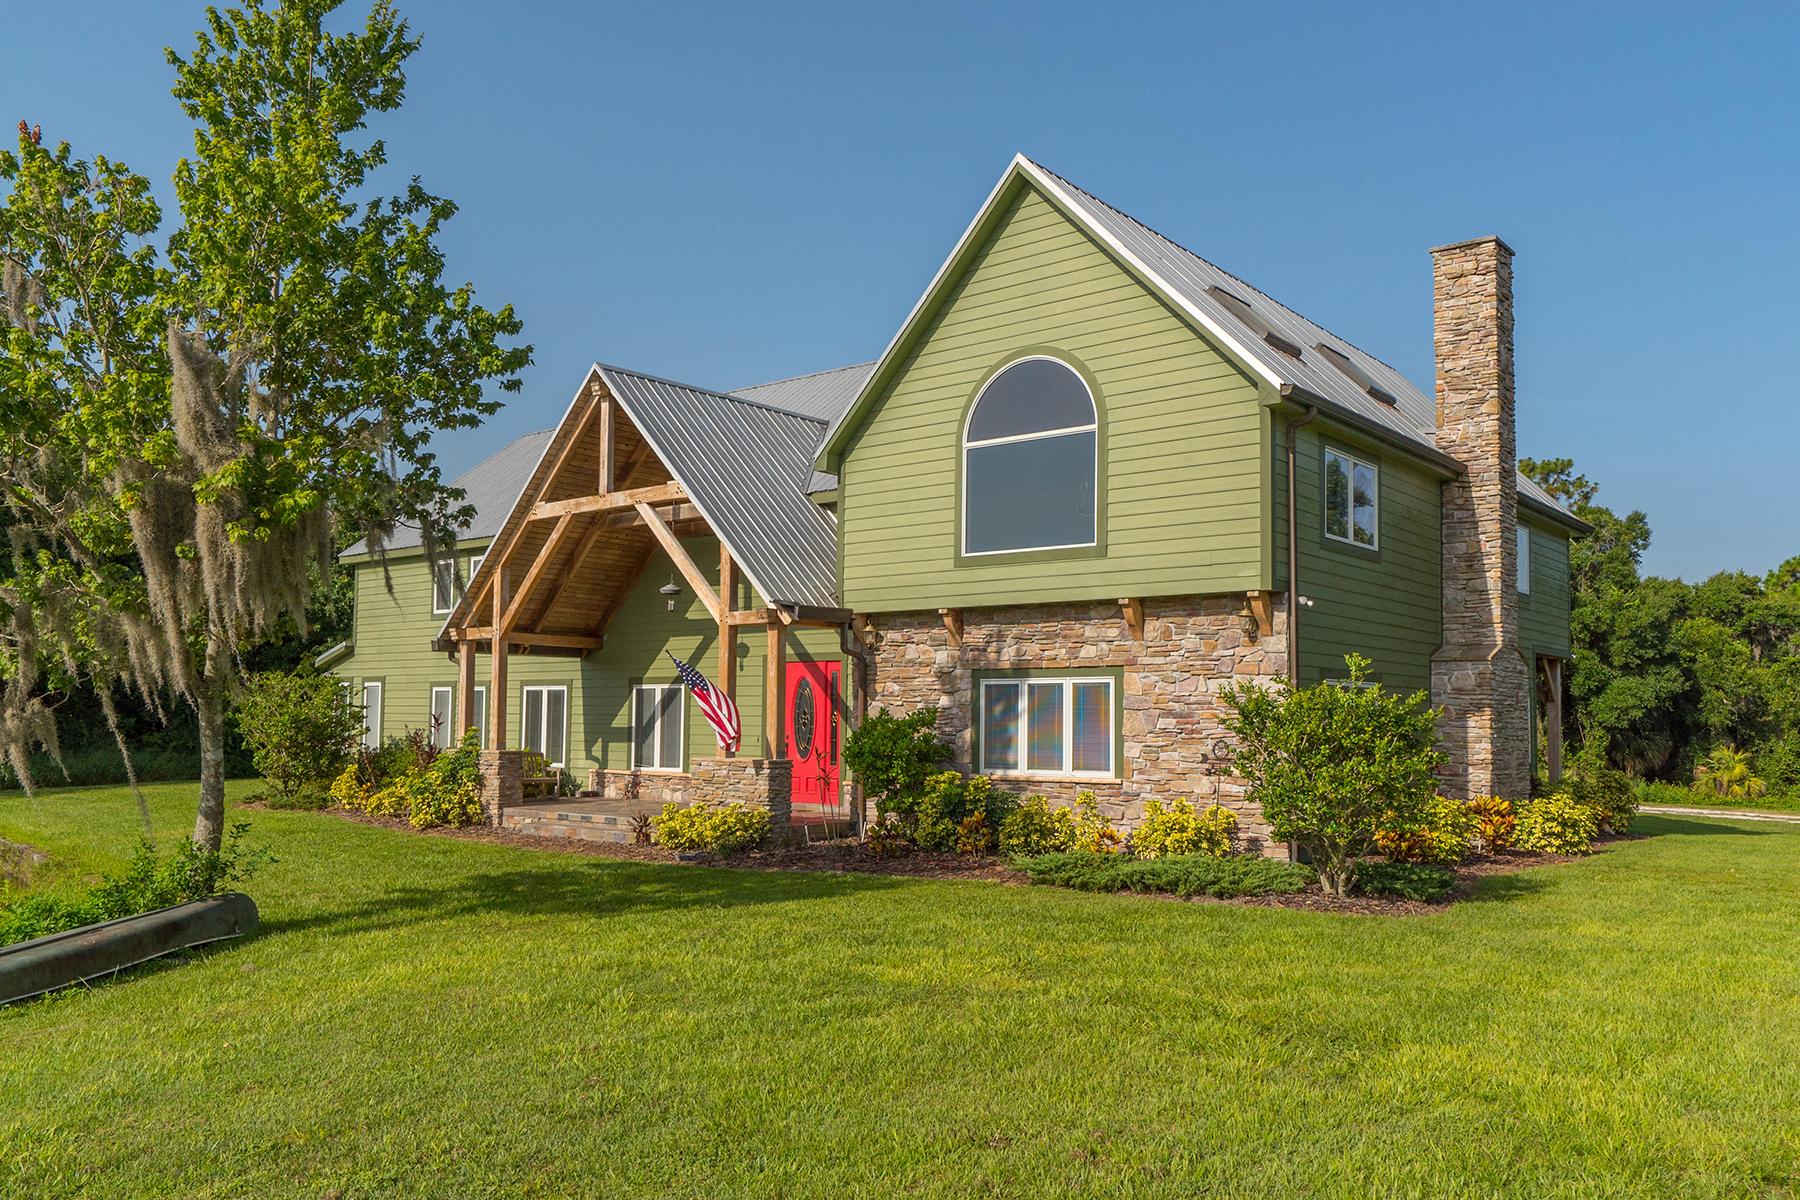 단독 가정 주택 용 매매 에 PARRISH 16857 Rosedown Parrish, 플로리다, 34219 미국